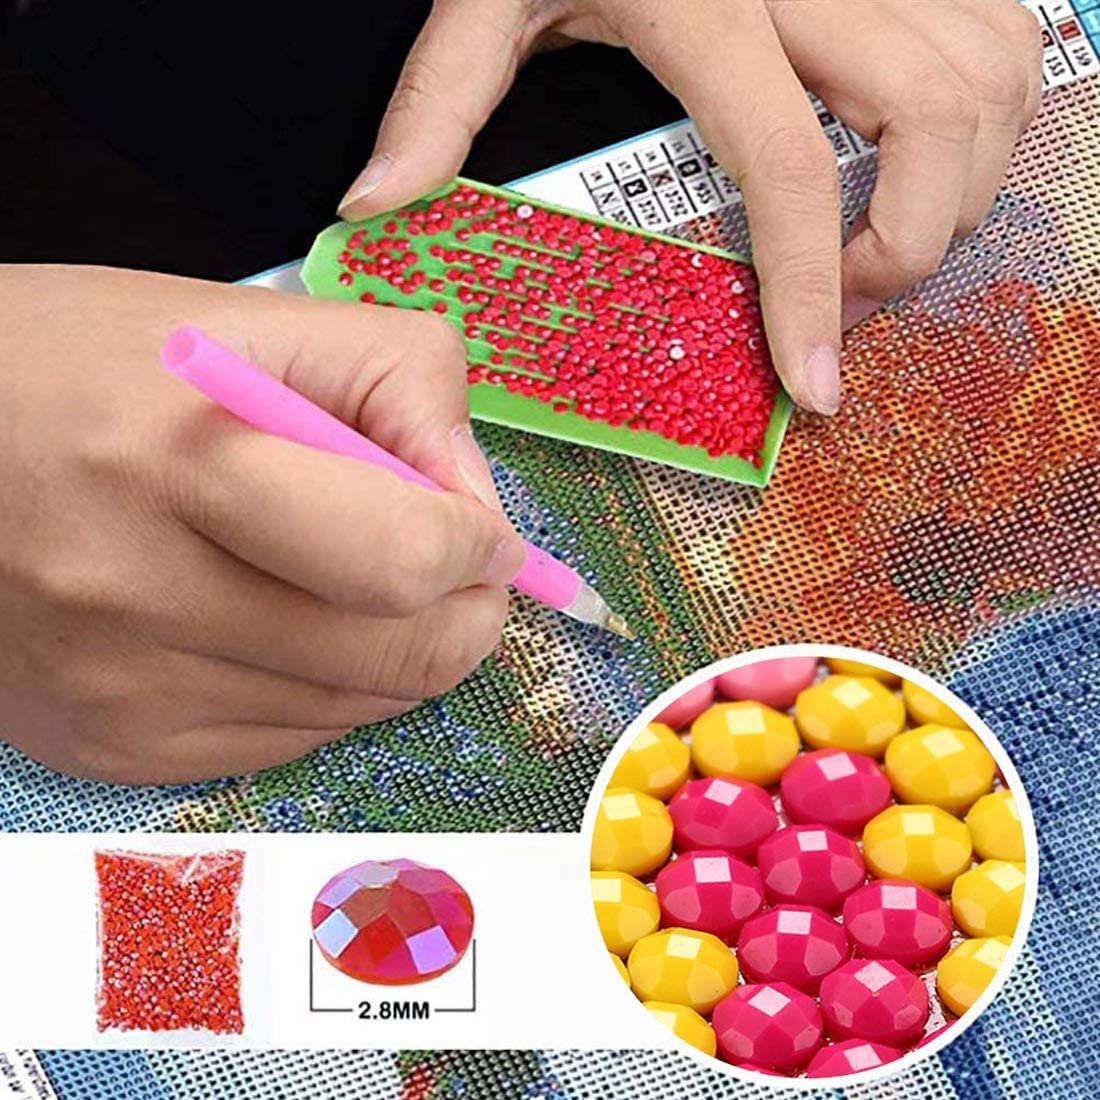 f/ür Erwachsene Leinwand Kunsthandwerk LUUFAN 5D-Diamant-Gem/älde zum Selbermachen Kreuzstich Strass-Stickerei Wanddekoration L/öwenzahn L/öwenzahn